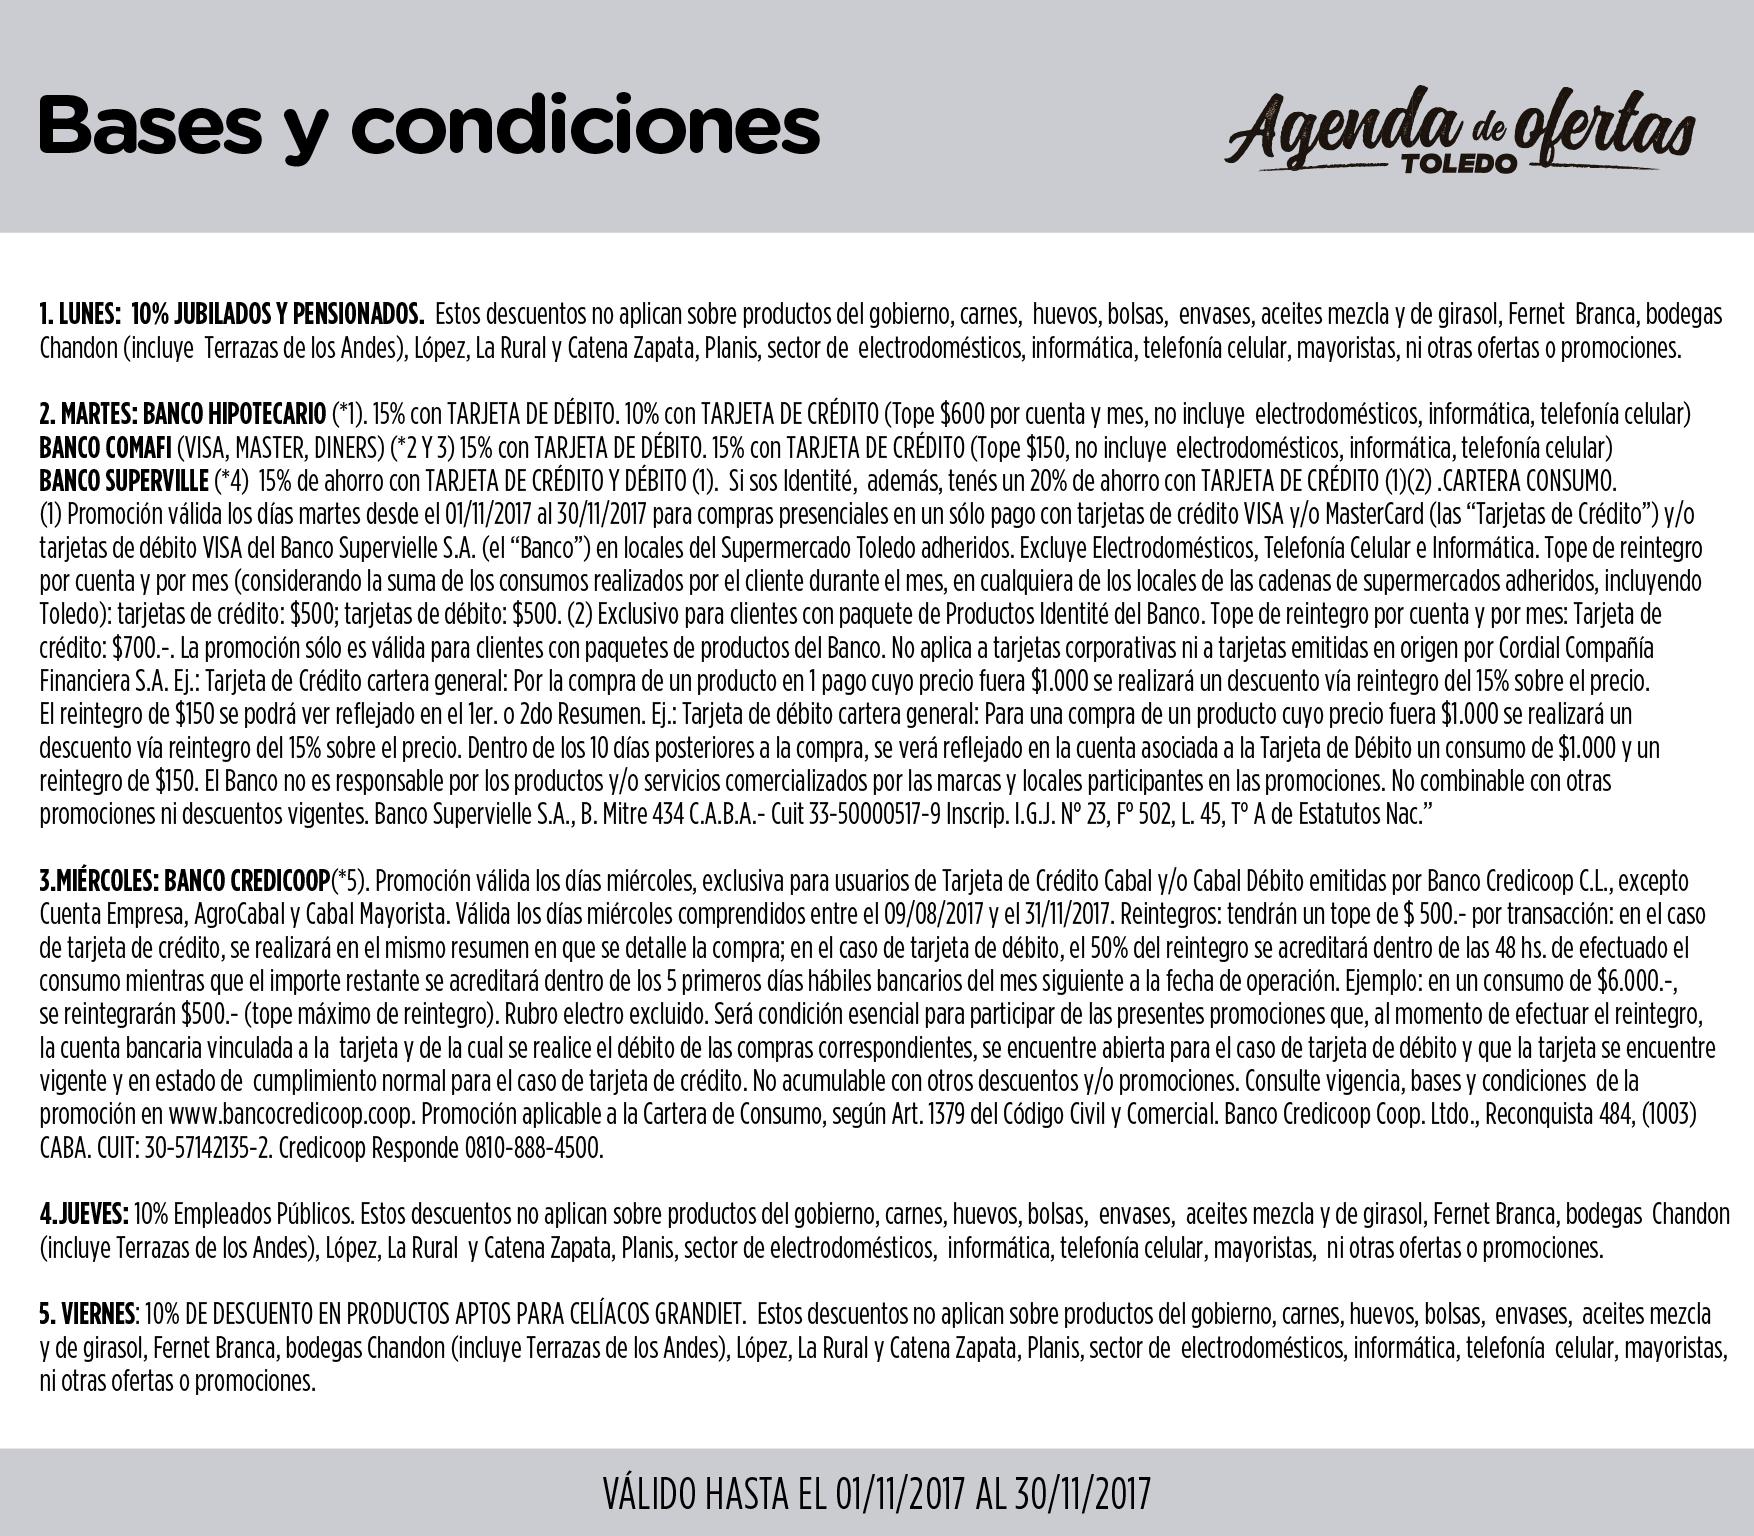 Legales-agenda-de-bancos-NOVFINAL_ULTIMO